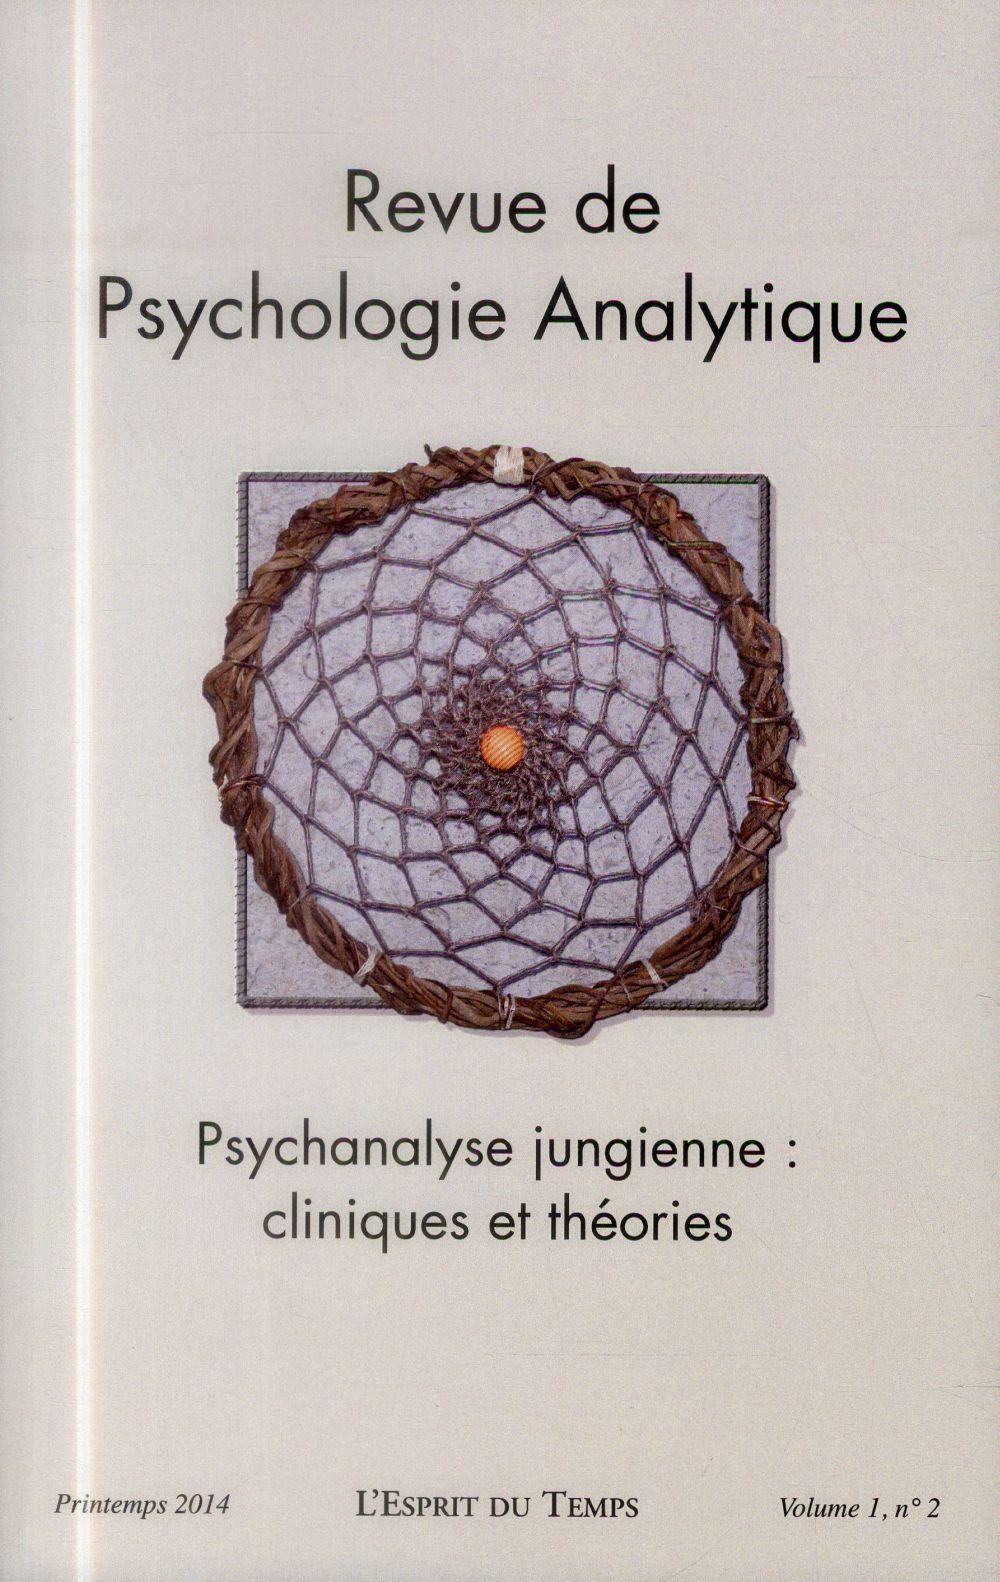 Revue de psychologie analytique n.2